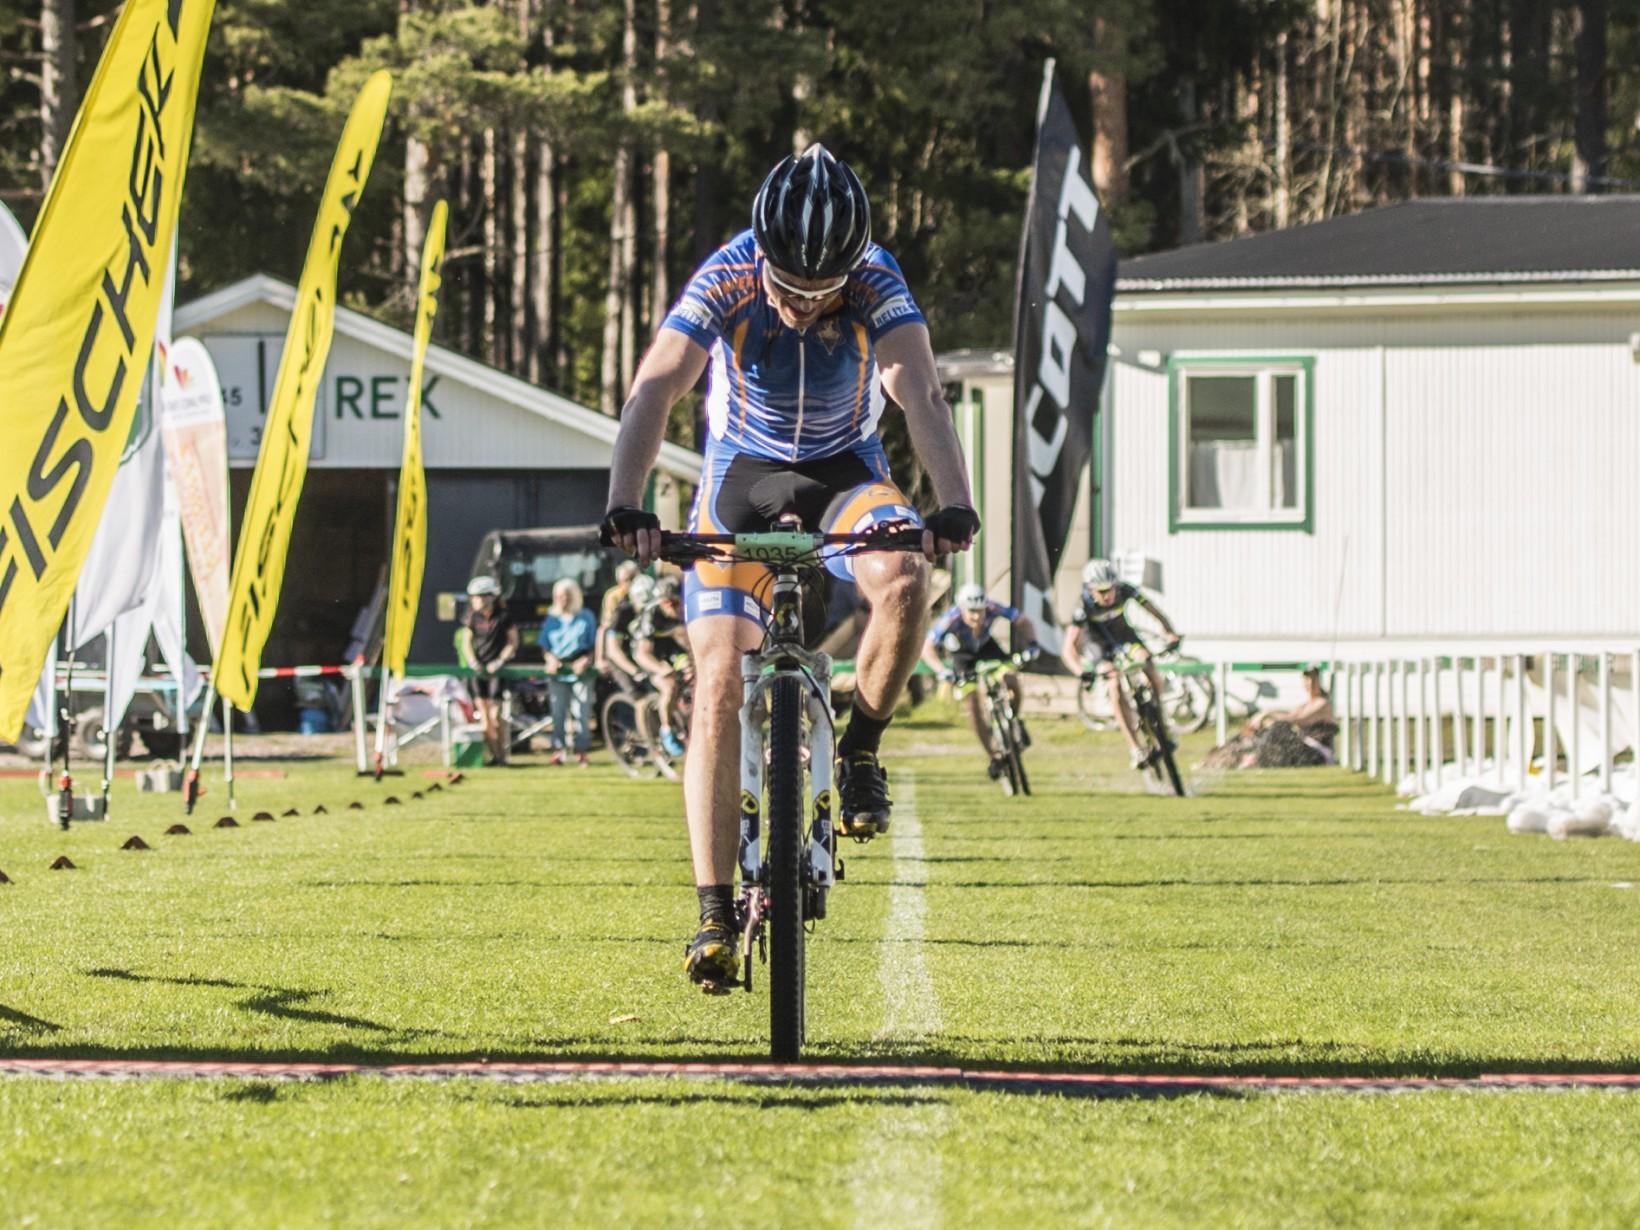 Jesper_Andersson_JAN_8947_www.jeppman.com